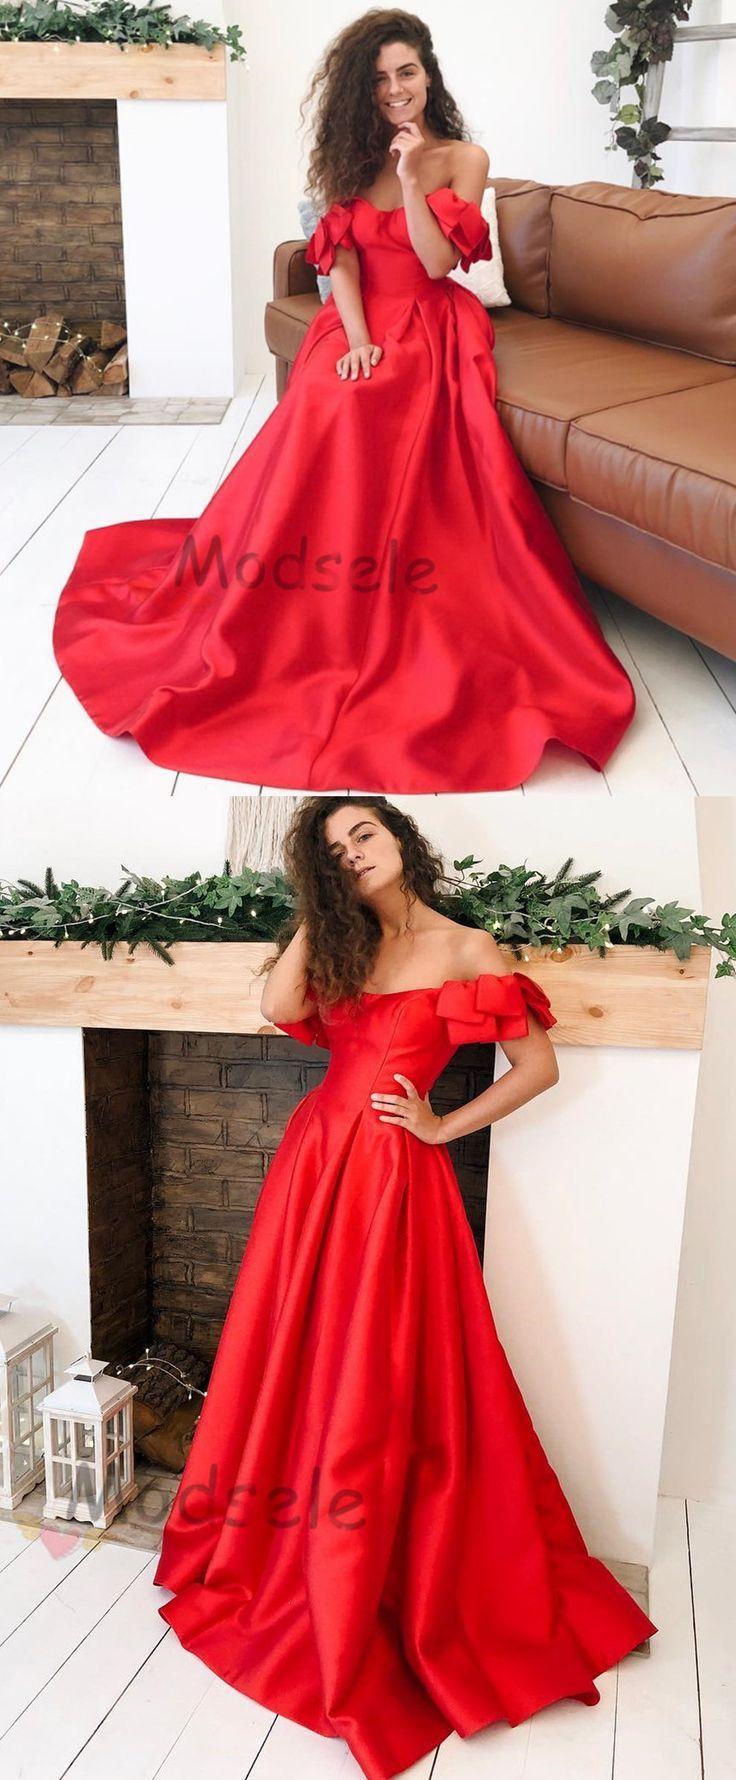 Wunderschönes schulterfreies rotes langes Ballkleid von modsele